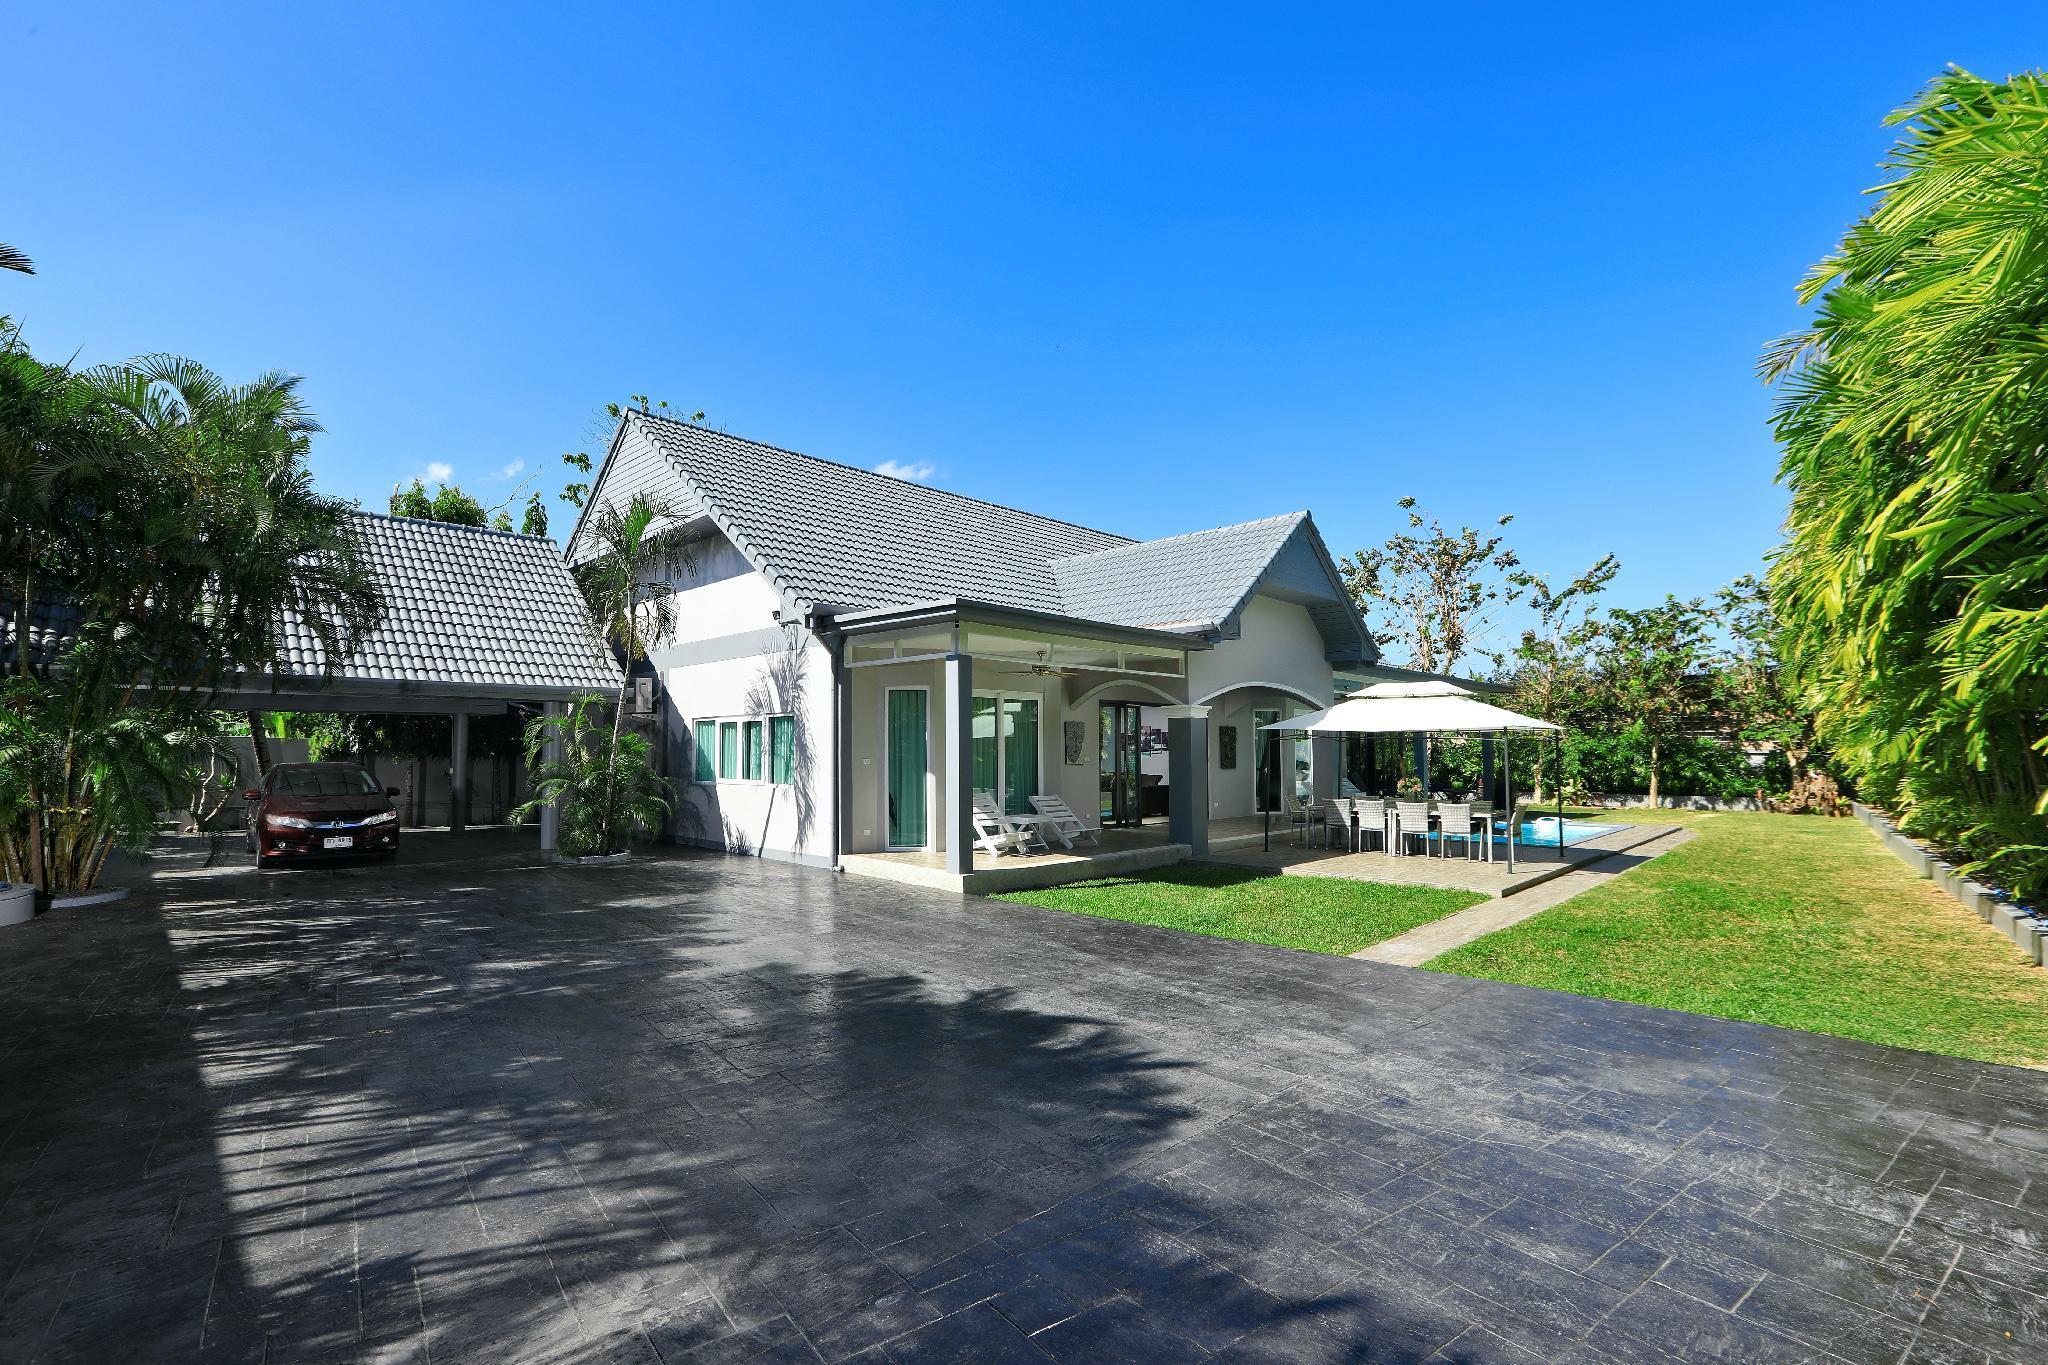 5 Bedroom Kamala Beach Pool Villa วิลลา 5 ห้องนอน 5 ห้องน้ำส่วนตัว ขนาด 300 ตร.ม. – กมลา